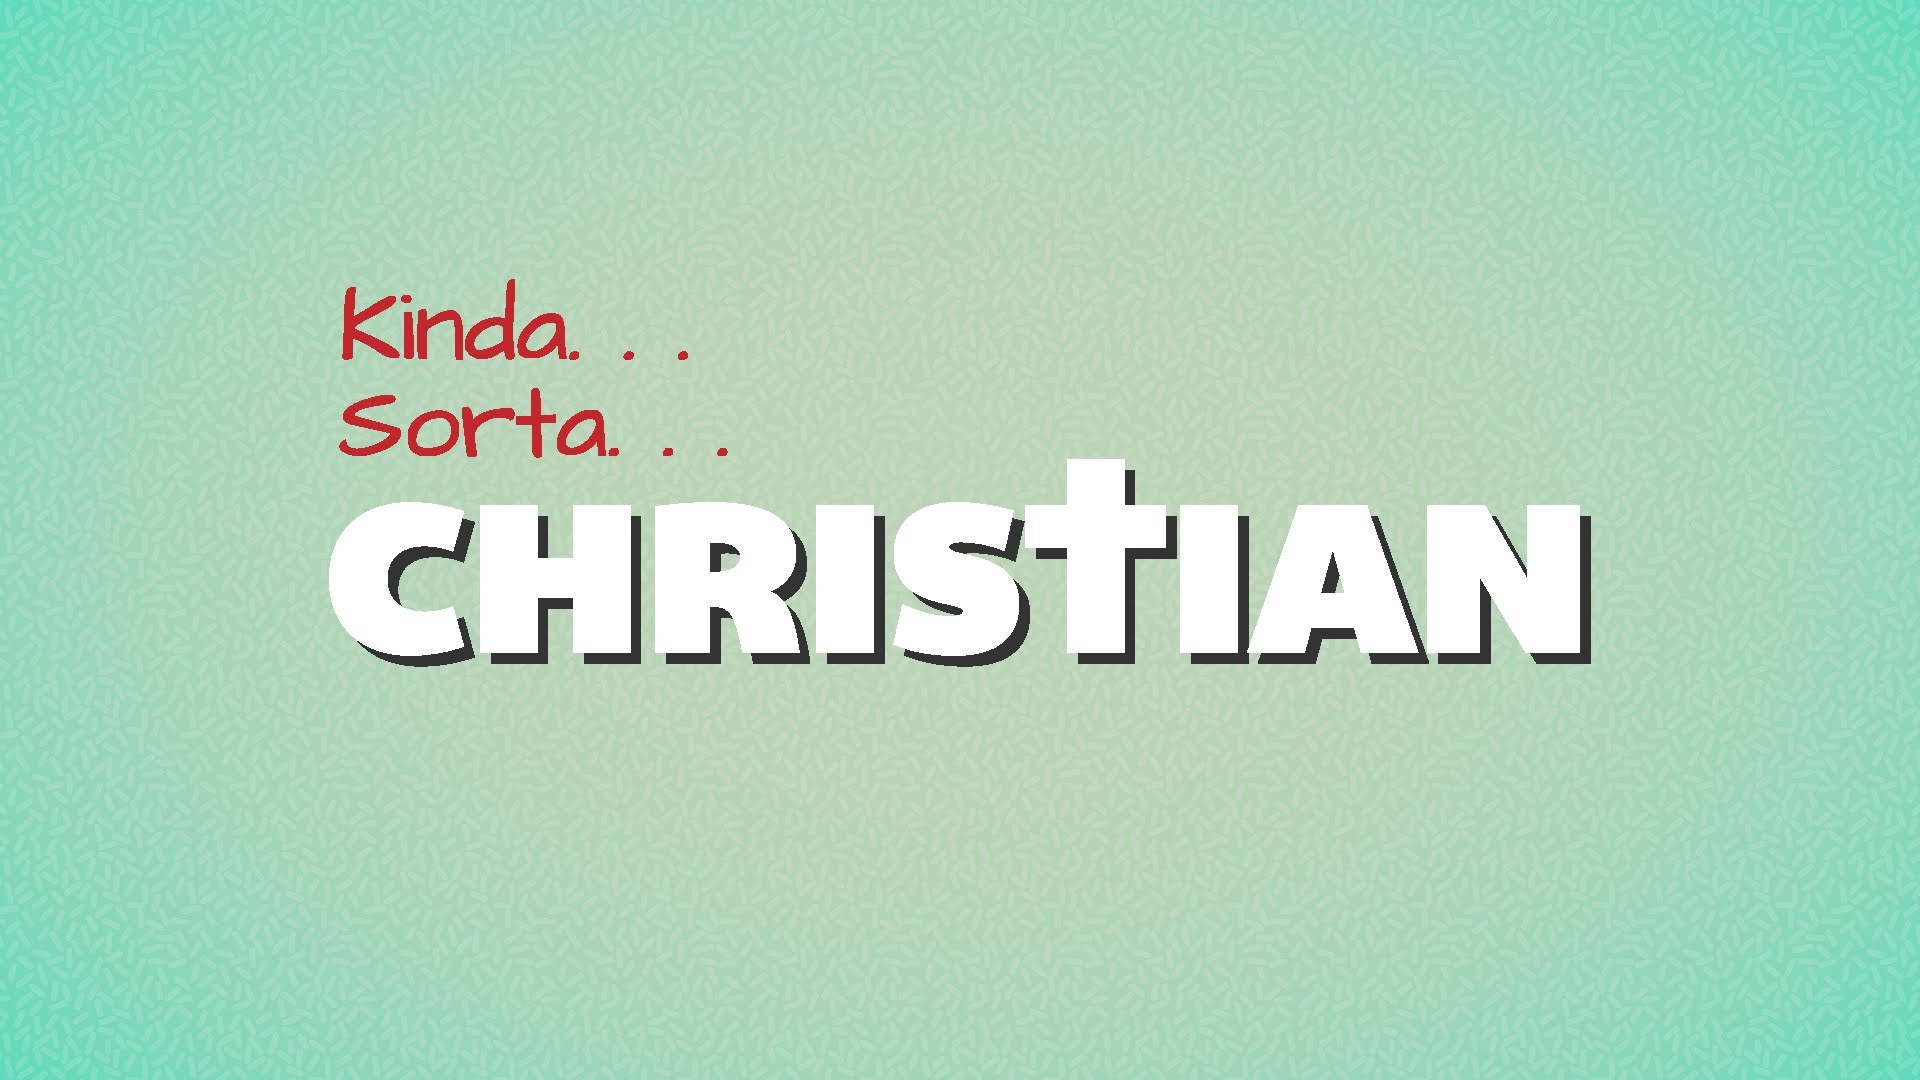 Kinda Sorta Christian : 나는 하나님을 믿는다. 그러나 그분을 완전히 신뢰하지는 않는다.